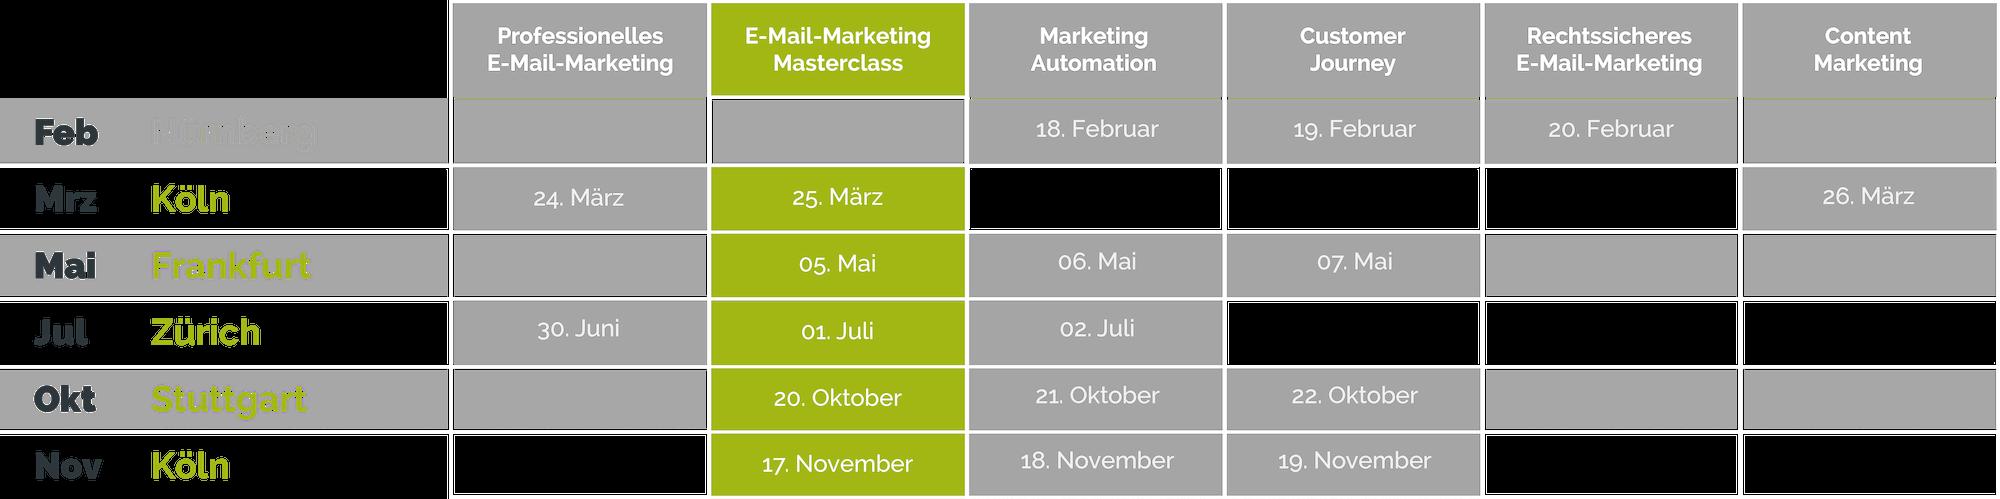 seminartermine e mail marketing masterclass - E-Mail-Marketing Masterclass